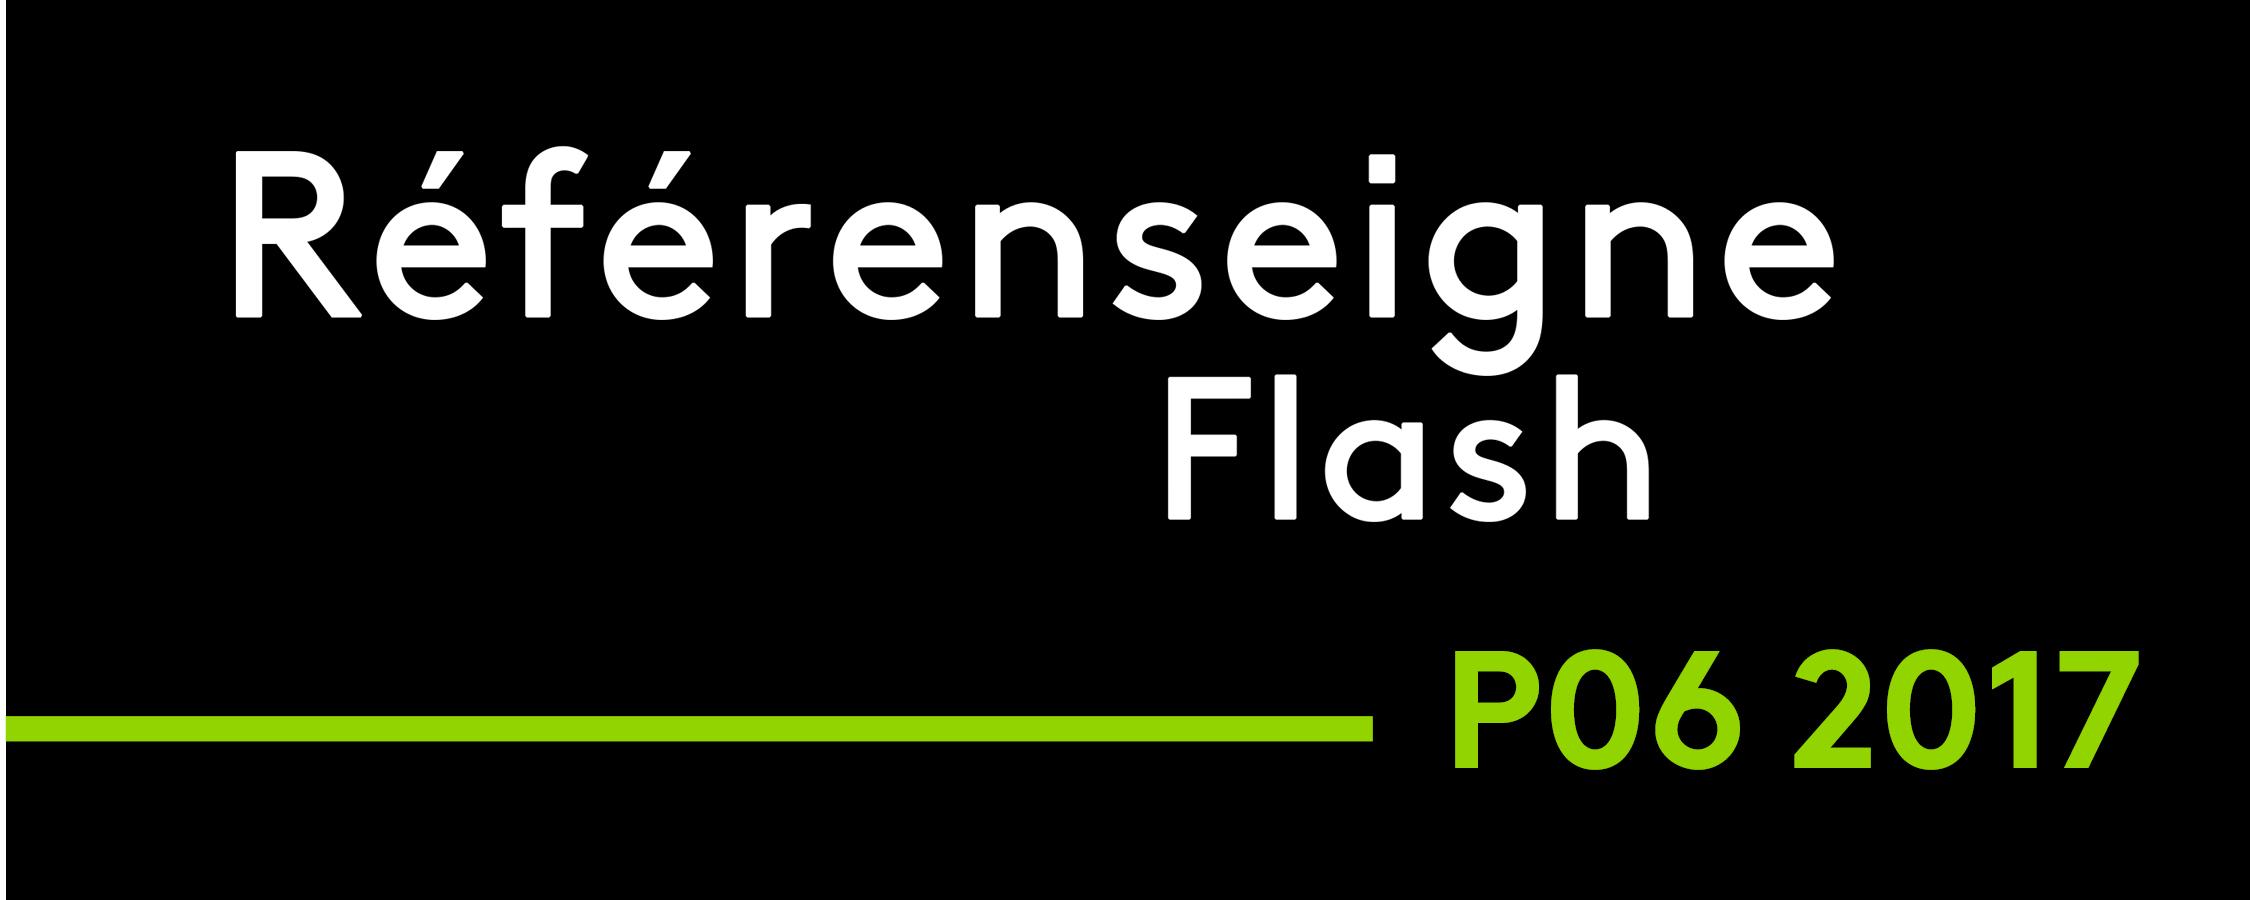 Tendances Consommation et Enseignes P06 2017